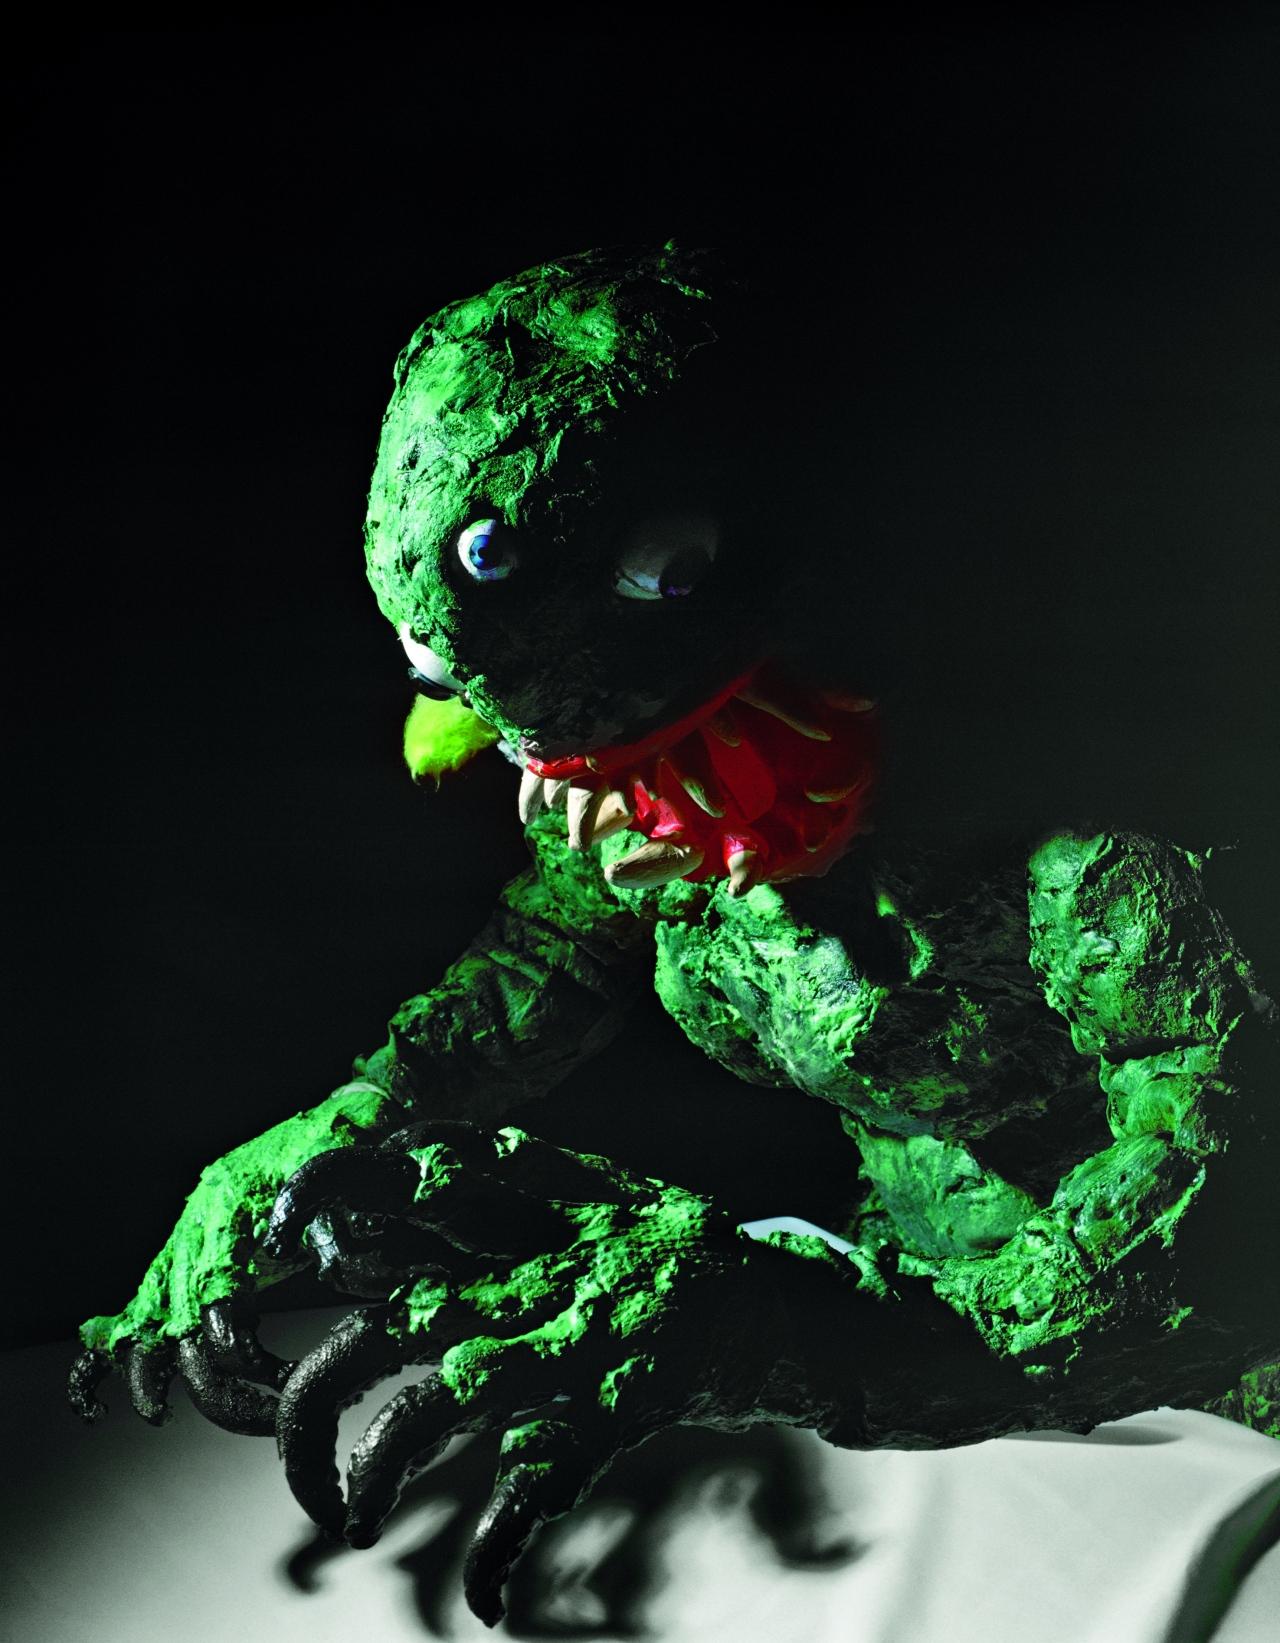 Monster_gross_Fotor